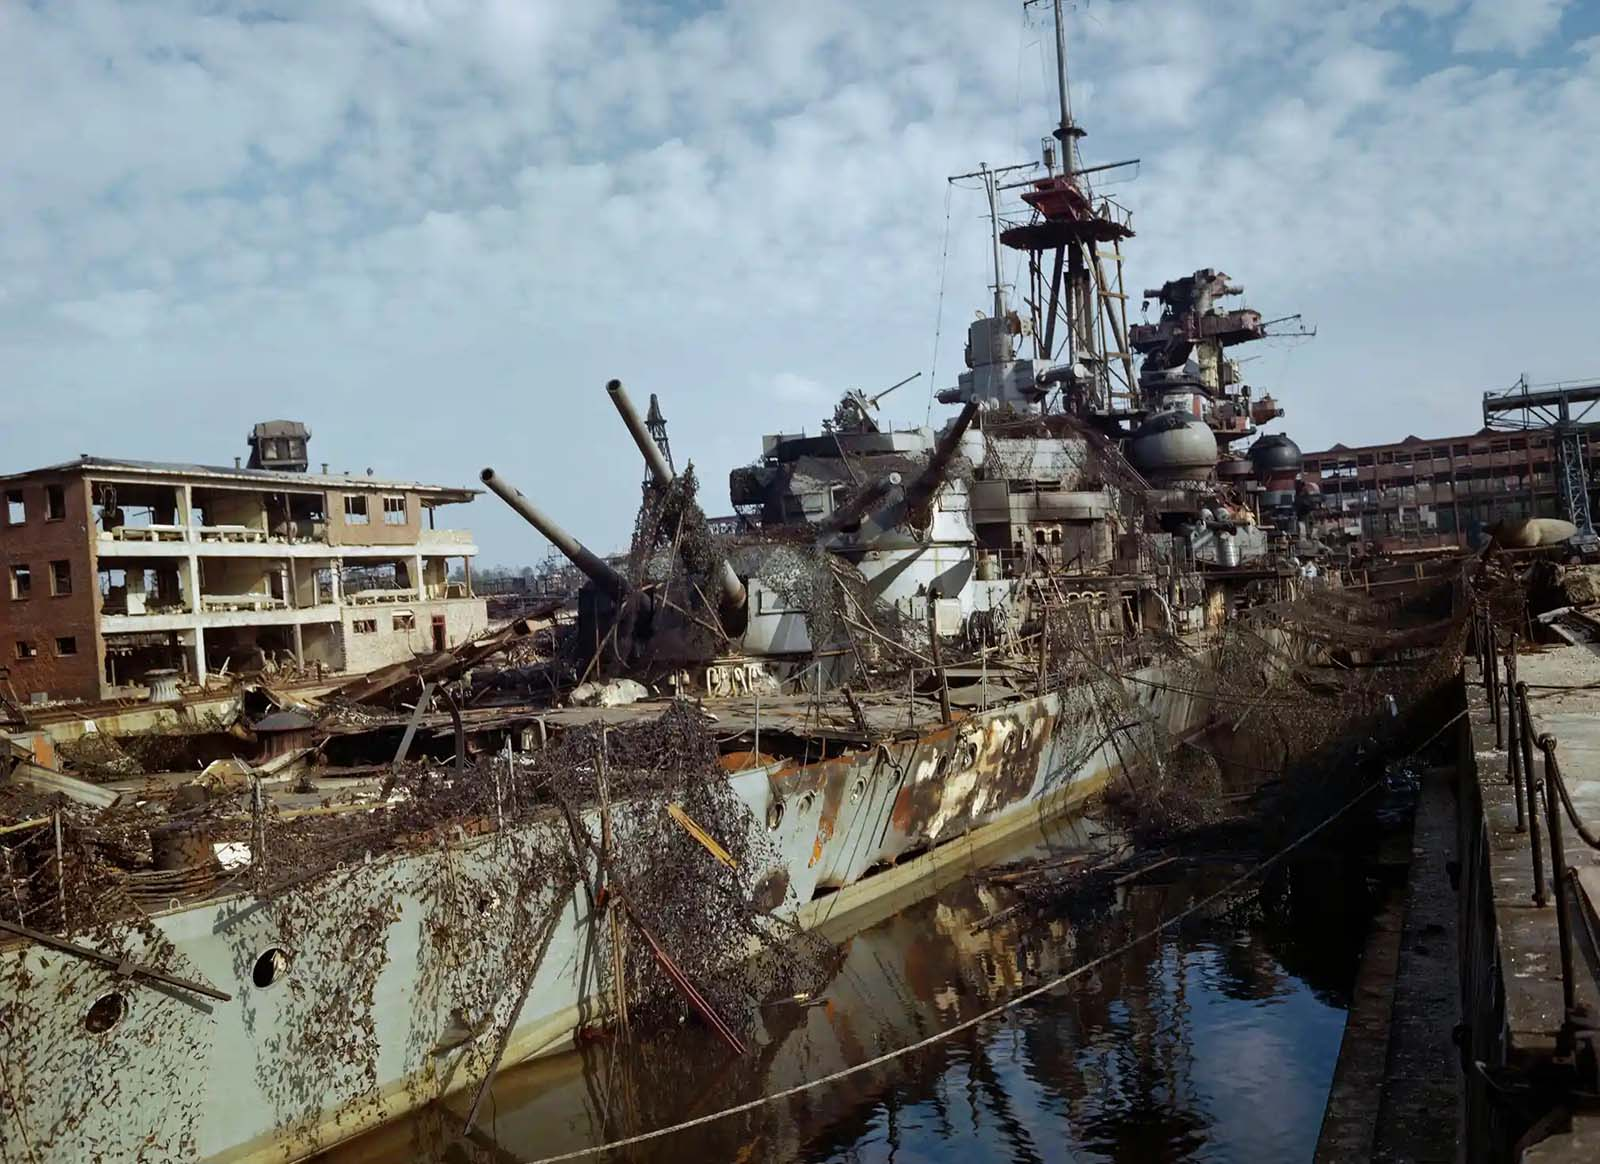 Hipper Admiral német nehézcirkáló 1945 májusában a németországi Kiel száraz dokkjában hagyott el.